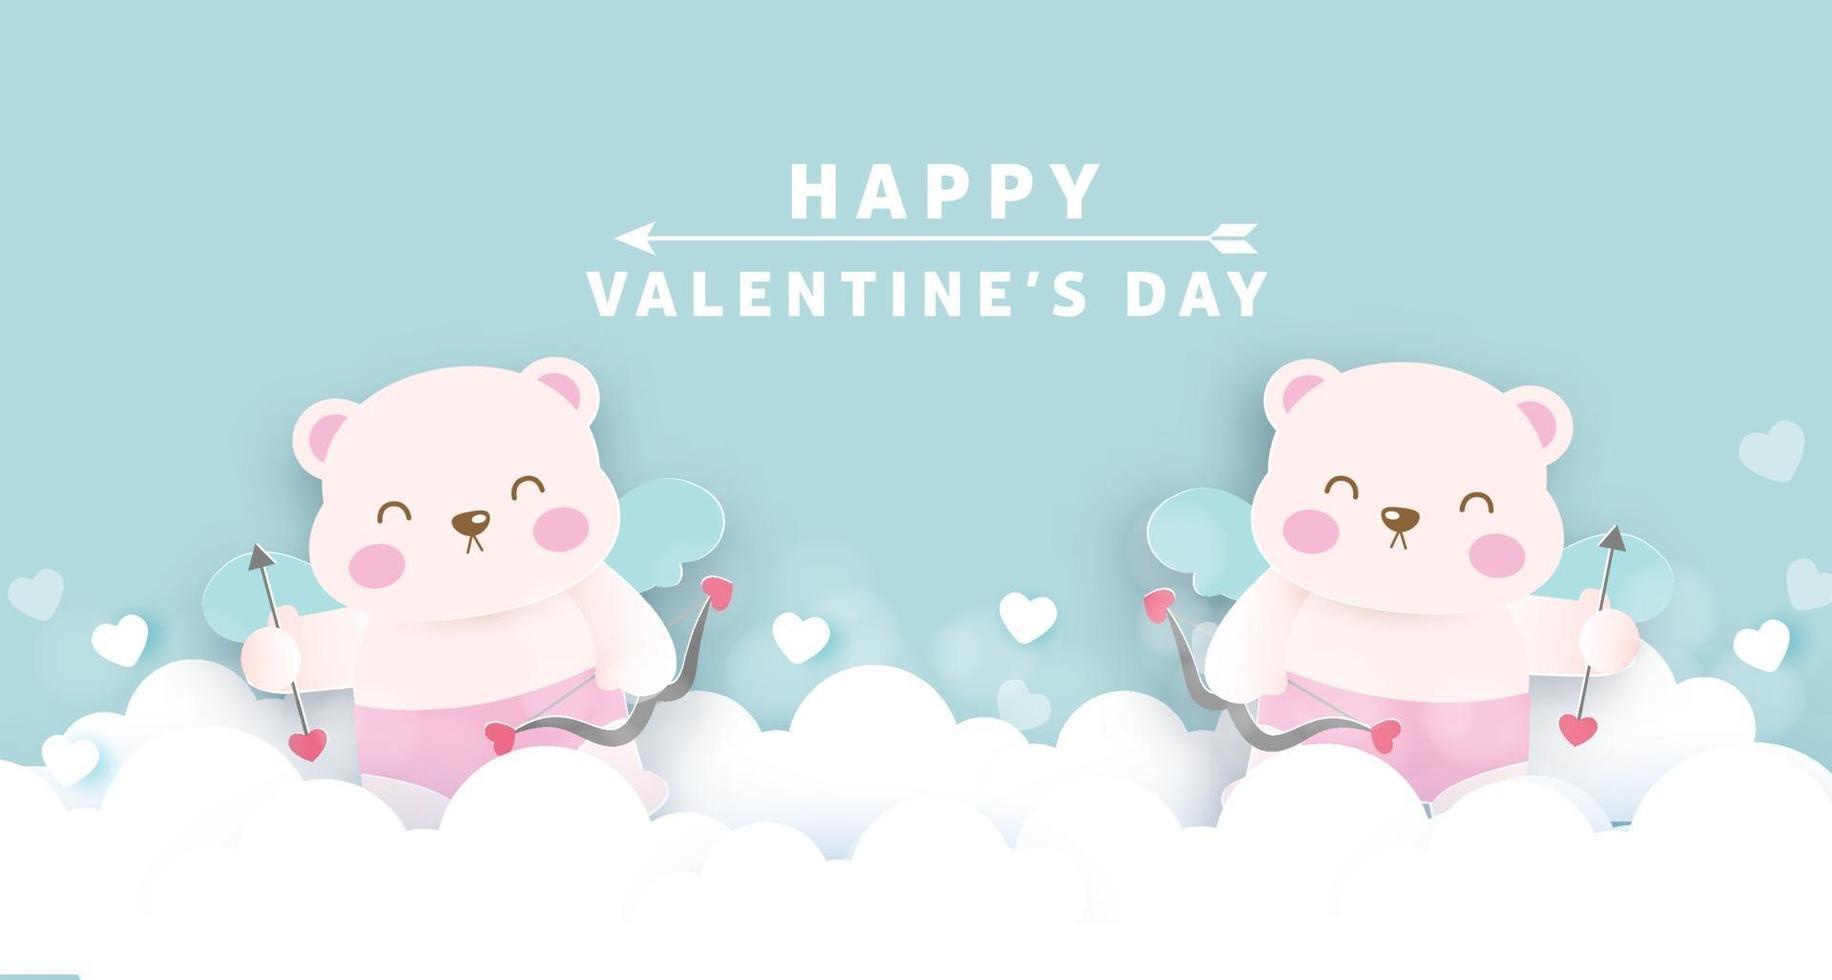 Valentijnsdag wenskaart met schattige cupido beren. vector